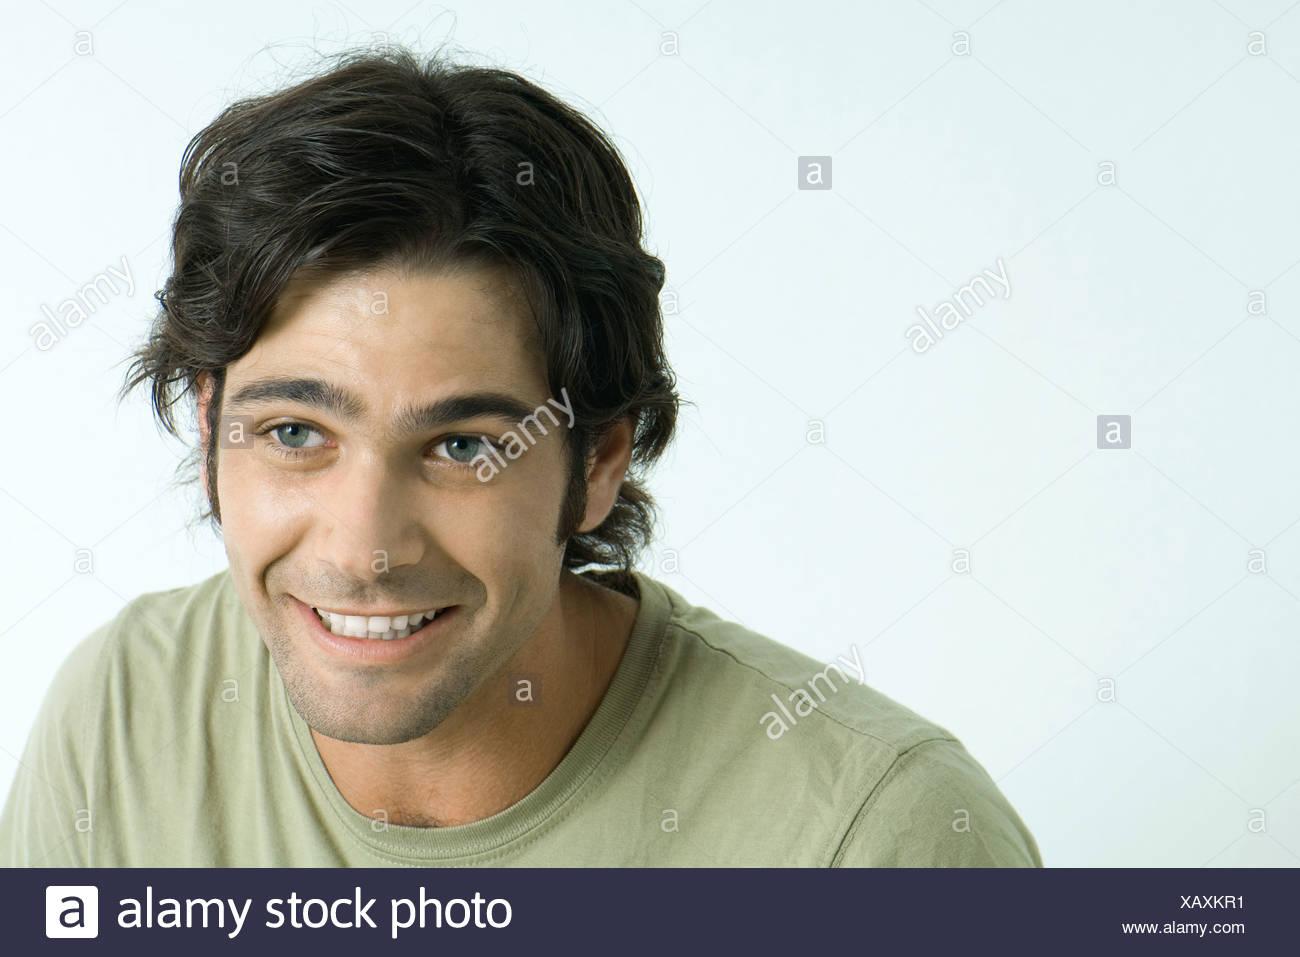 Cejas De Hombre hombre sonriendo, levantamiento de cejas, mirando lejos foto